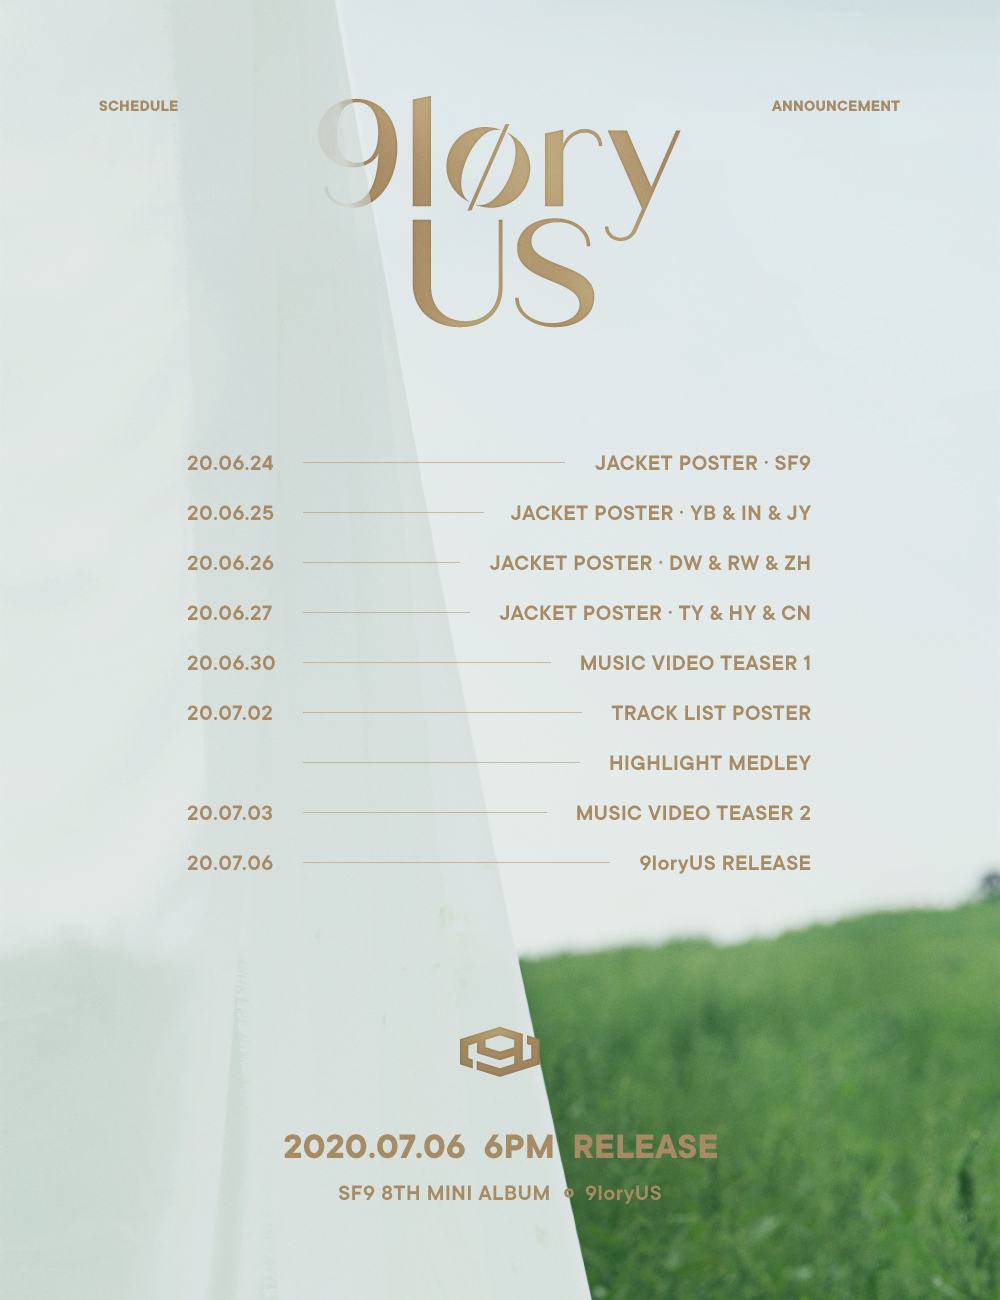 6일(월), 🍃🐍SF9 8TH MINI ALBUM [9loryUS] 컴백🔫🍃   인스티즈